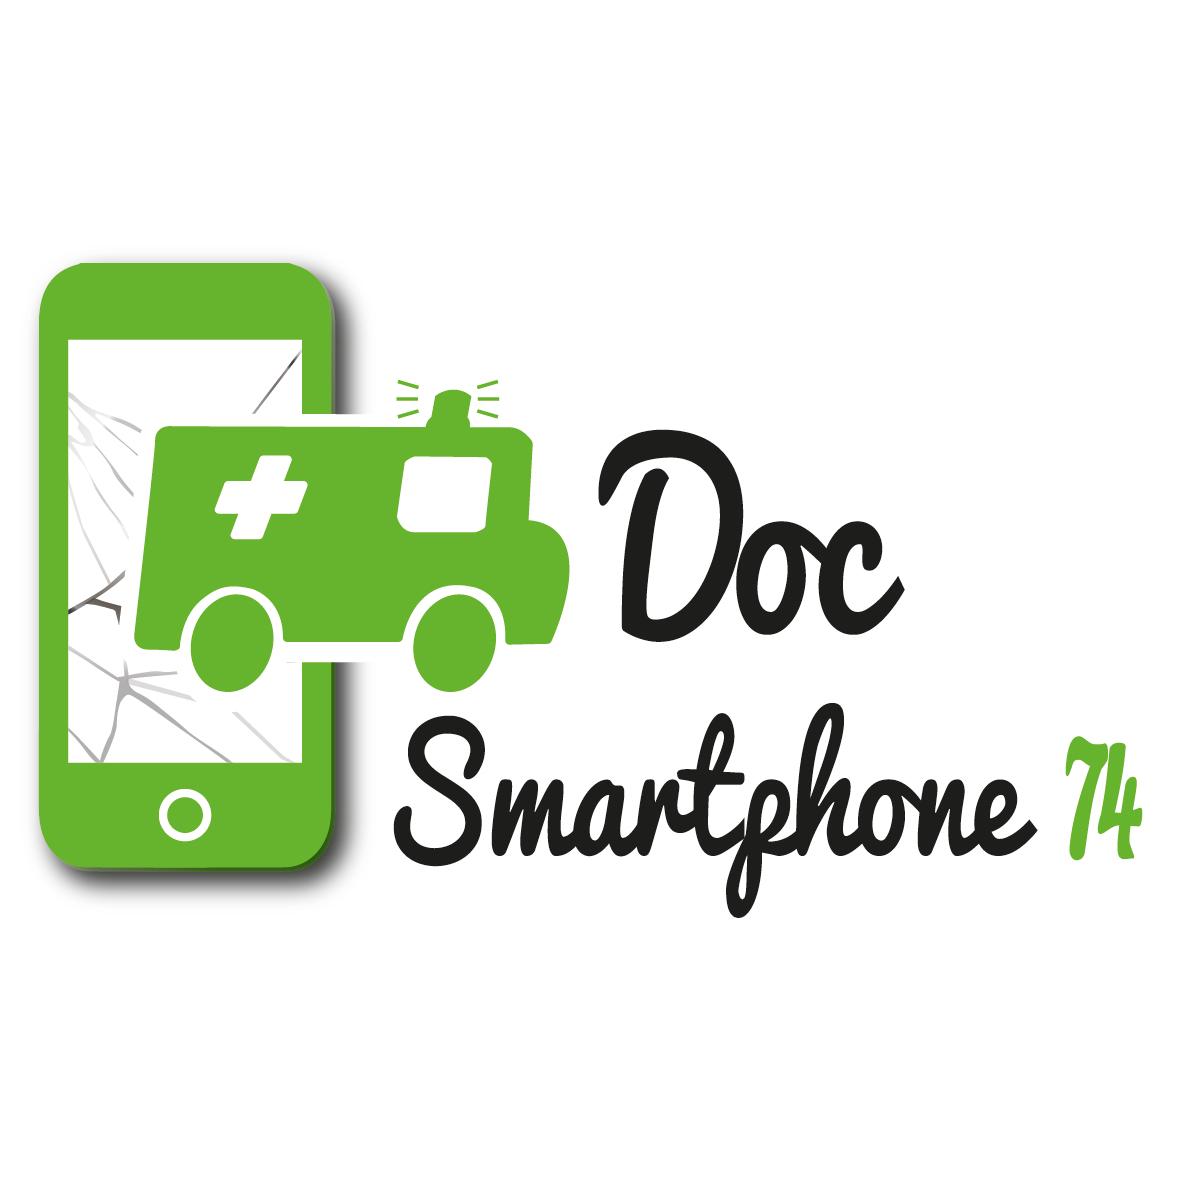 Doc Smartphone 74